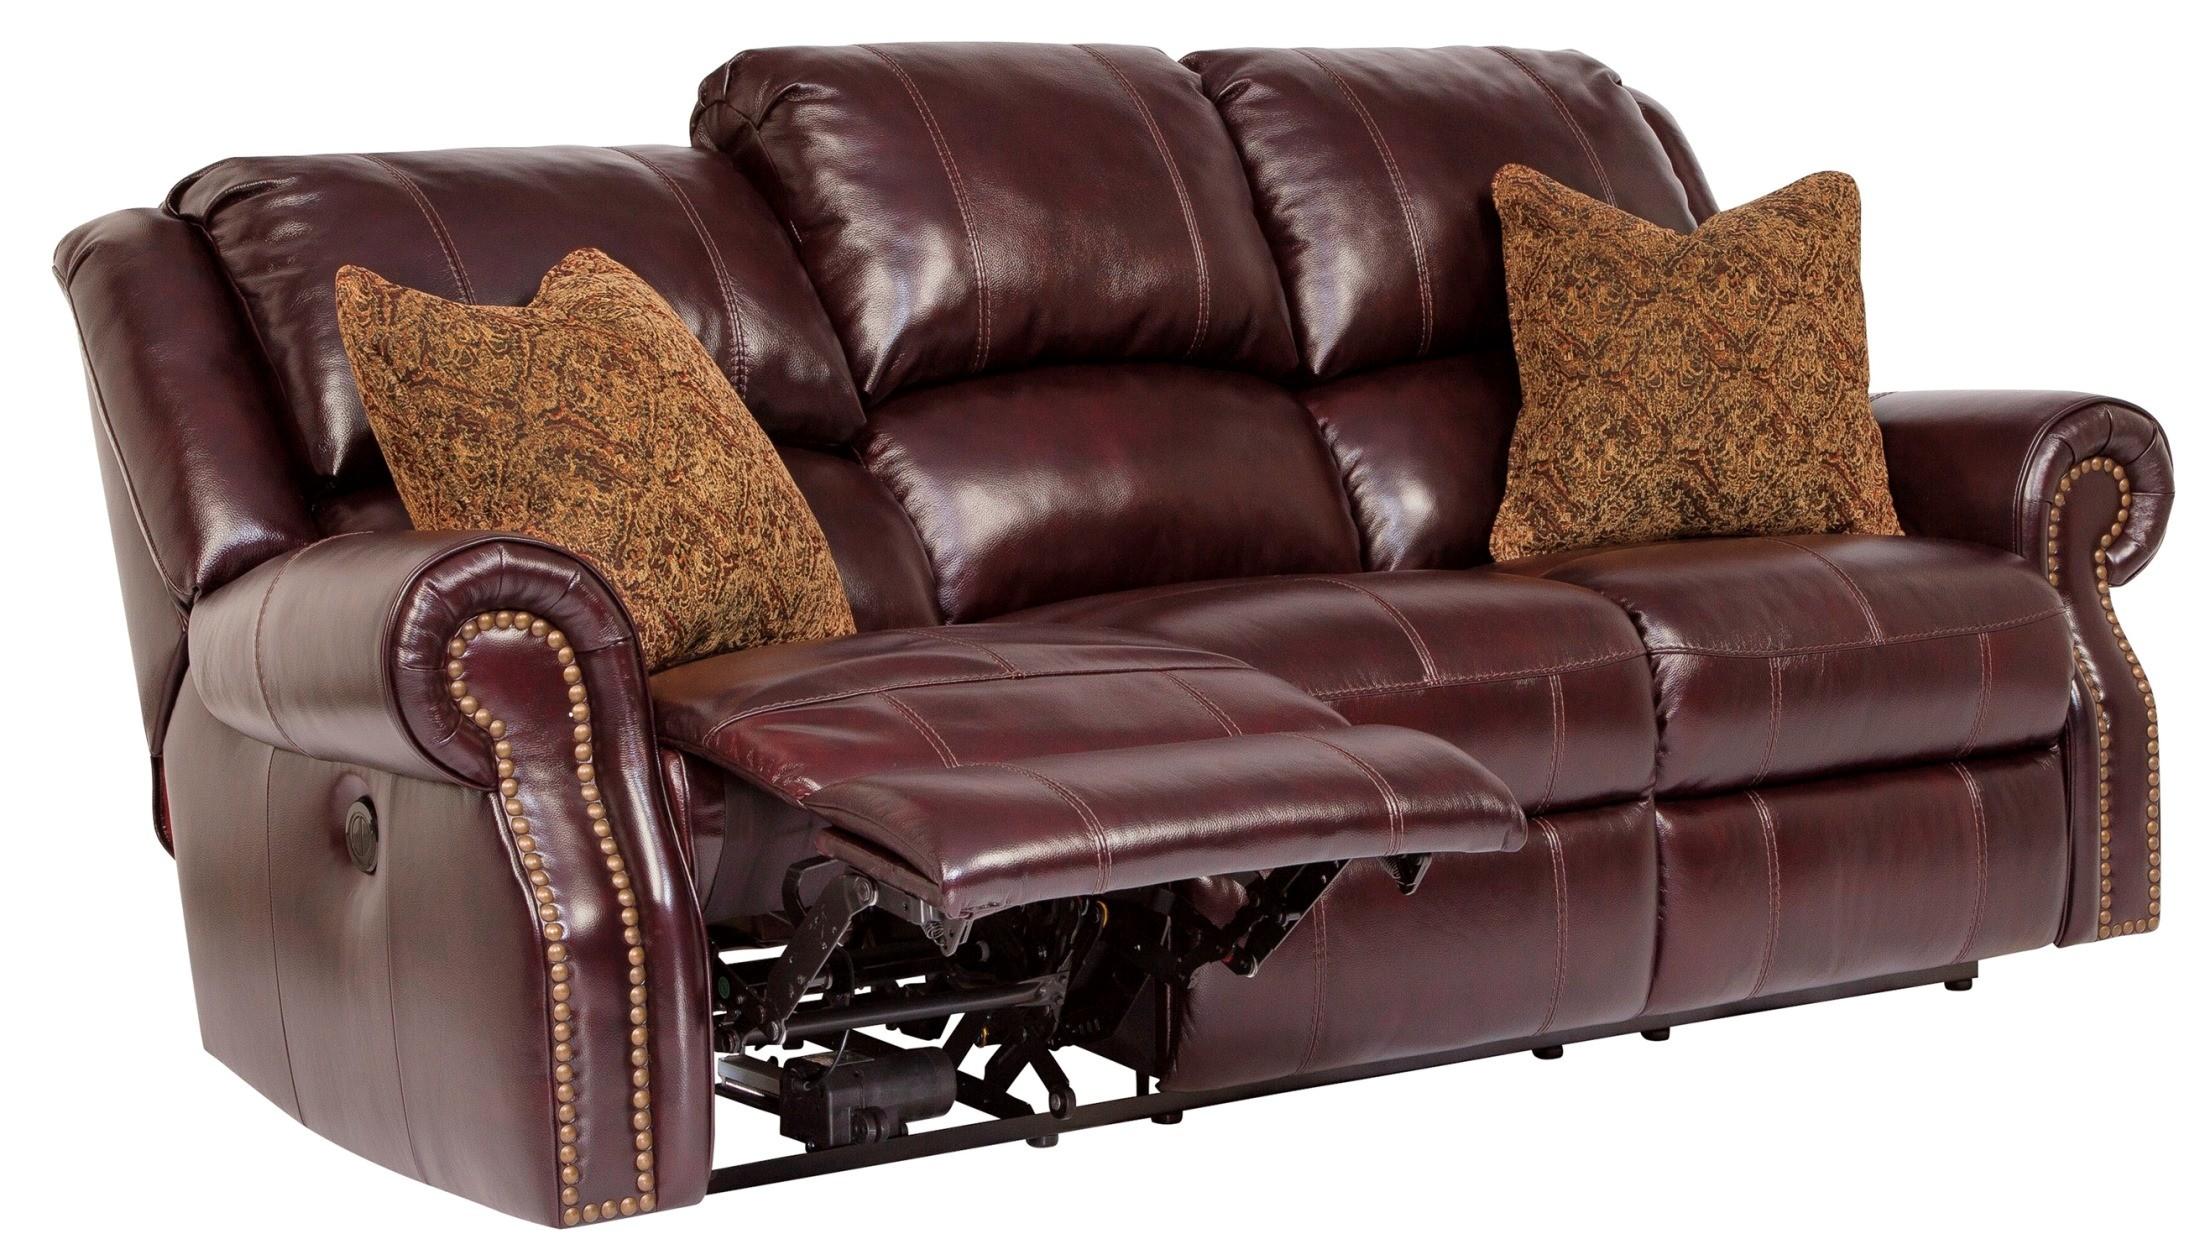 Walworth Blackcherry Reclining Sofa From Ashley U7800288